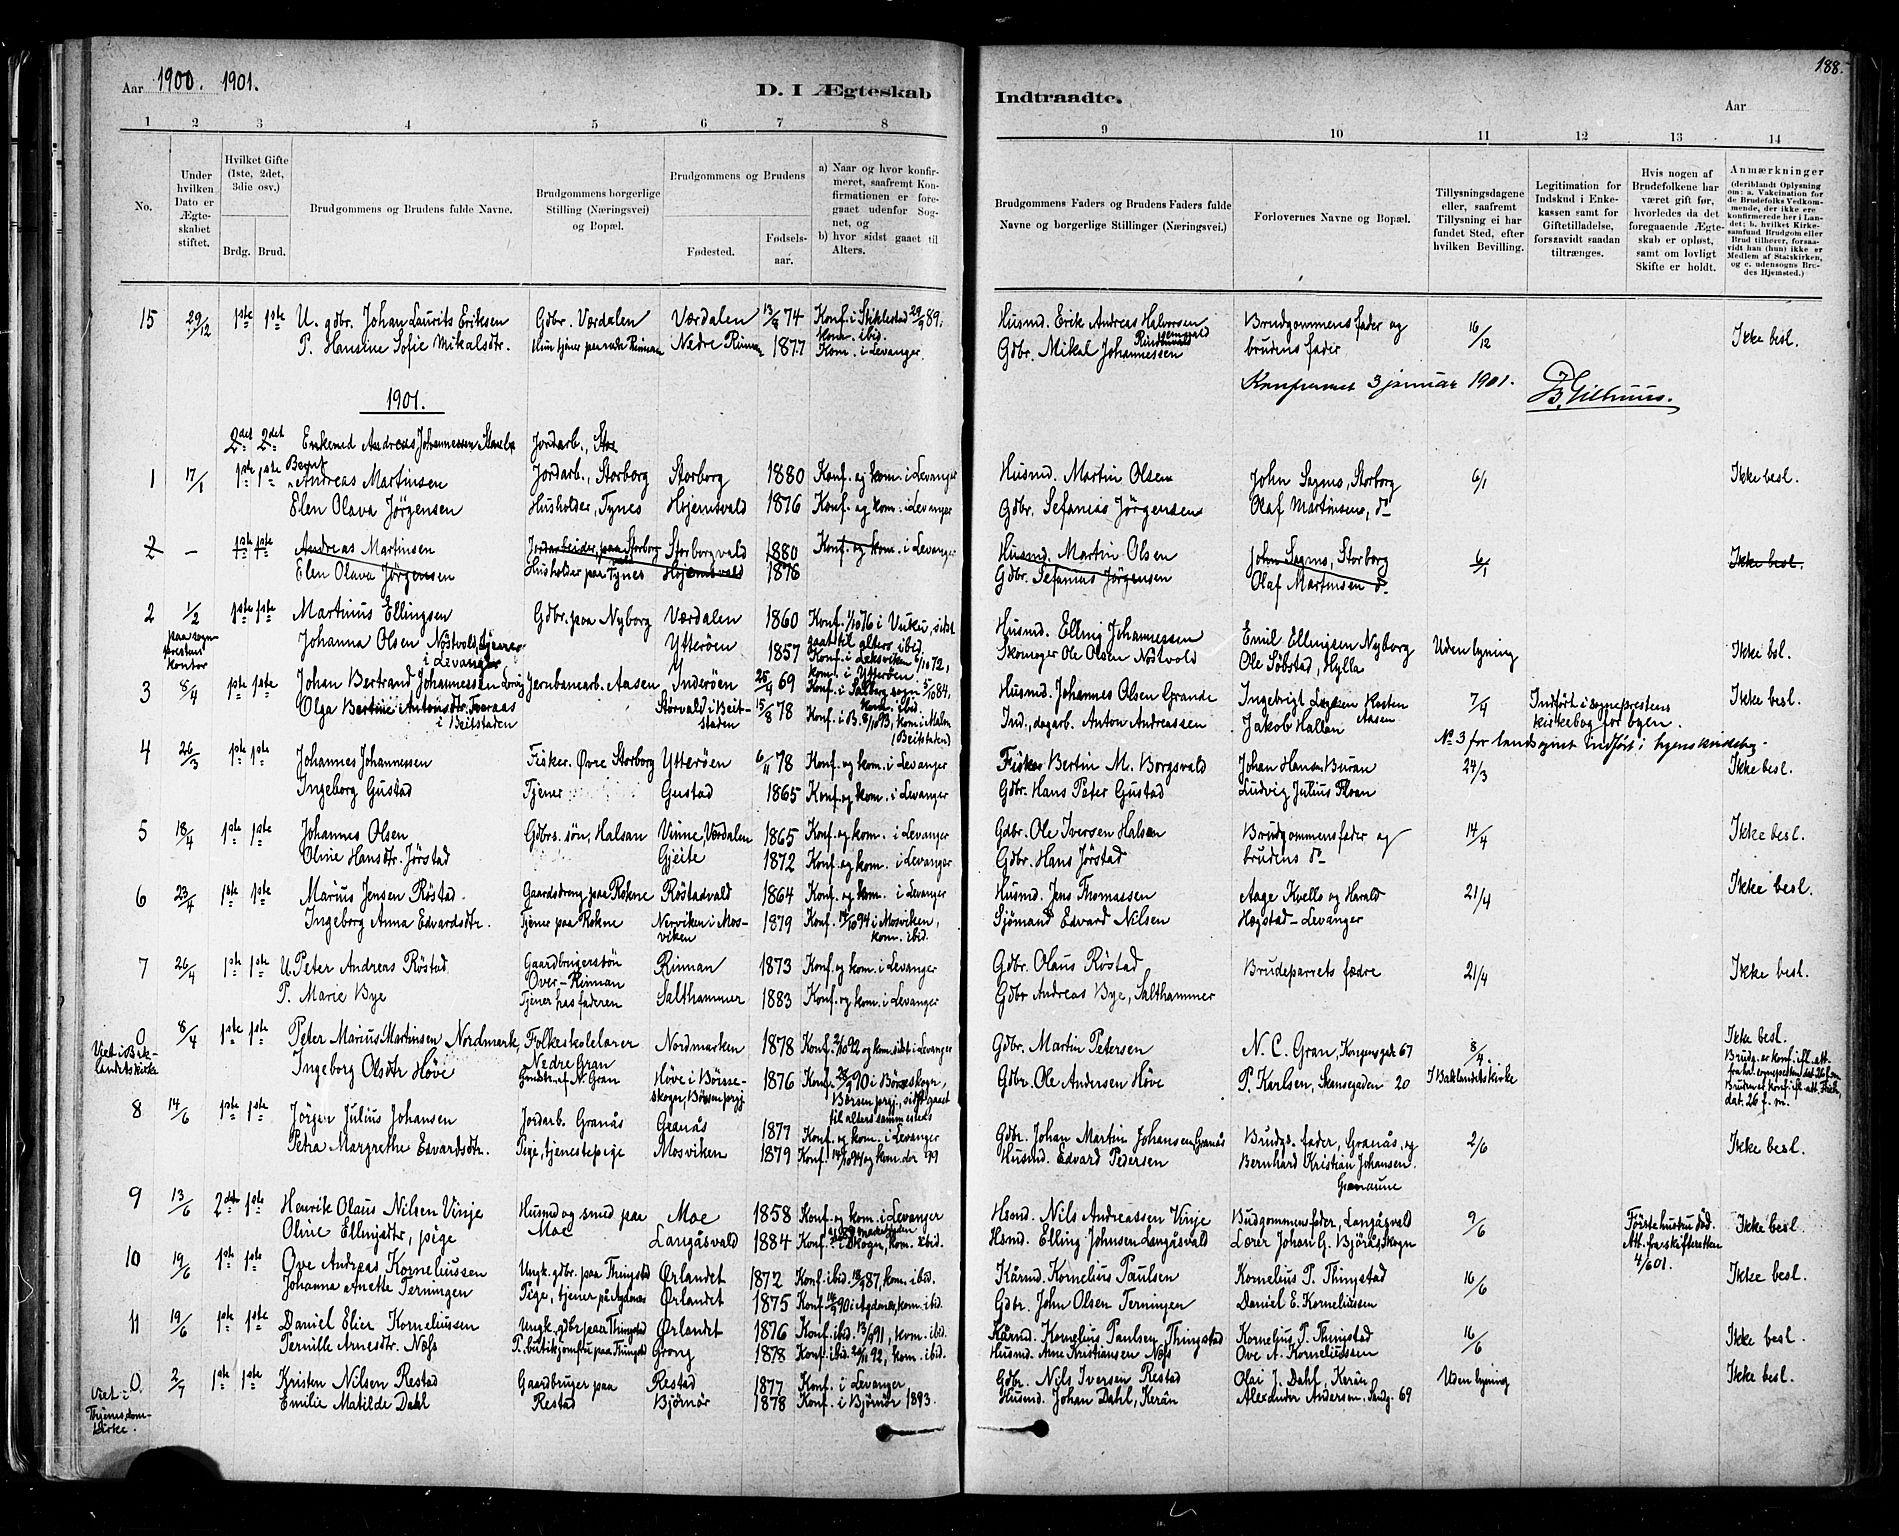 SAT, Ministerialprotokoller, klokkerbøker og fødselsregistre - Nord-Trøndelag, 721/L0208: Klokkerbok nr. 721C01, 1880-1917, s. 188